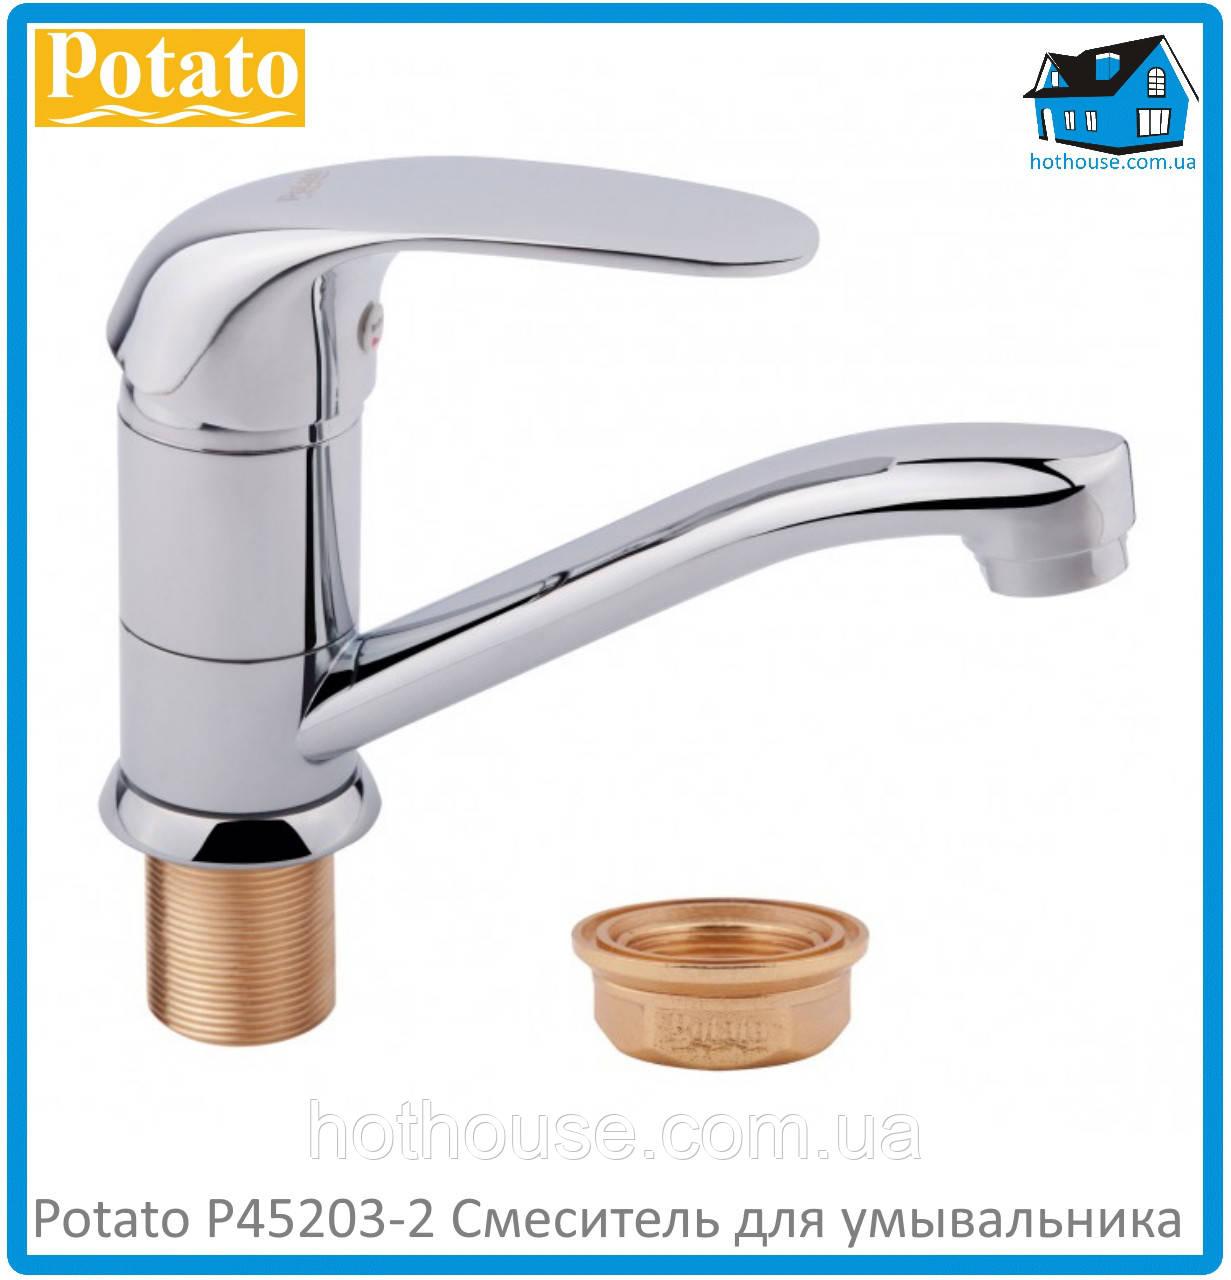 Смеситель для умывальника Potato P45203-2